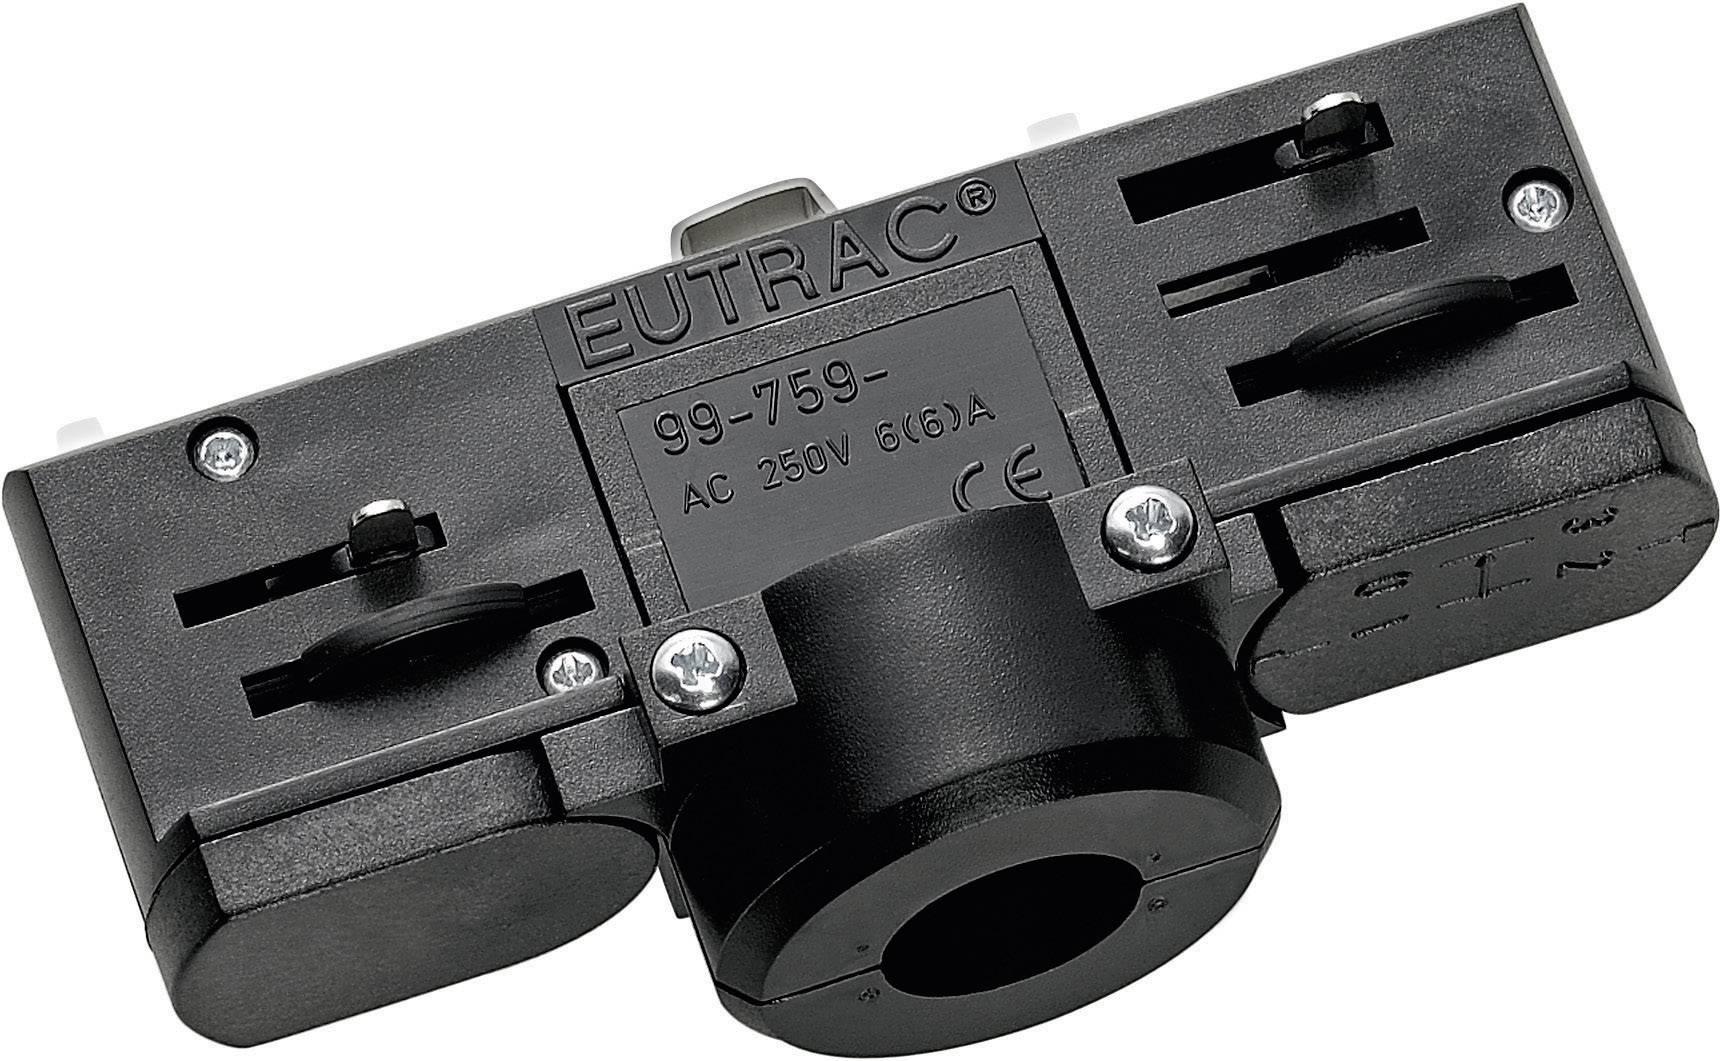 Adaptér lišty - vysokonapäť. komponent pre lištové systémy Eutrac 145990, čierna